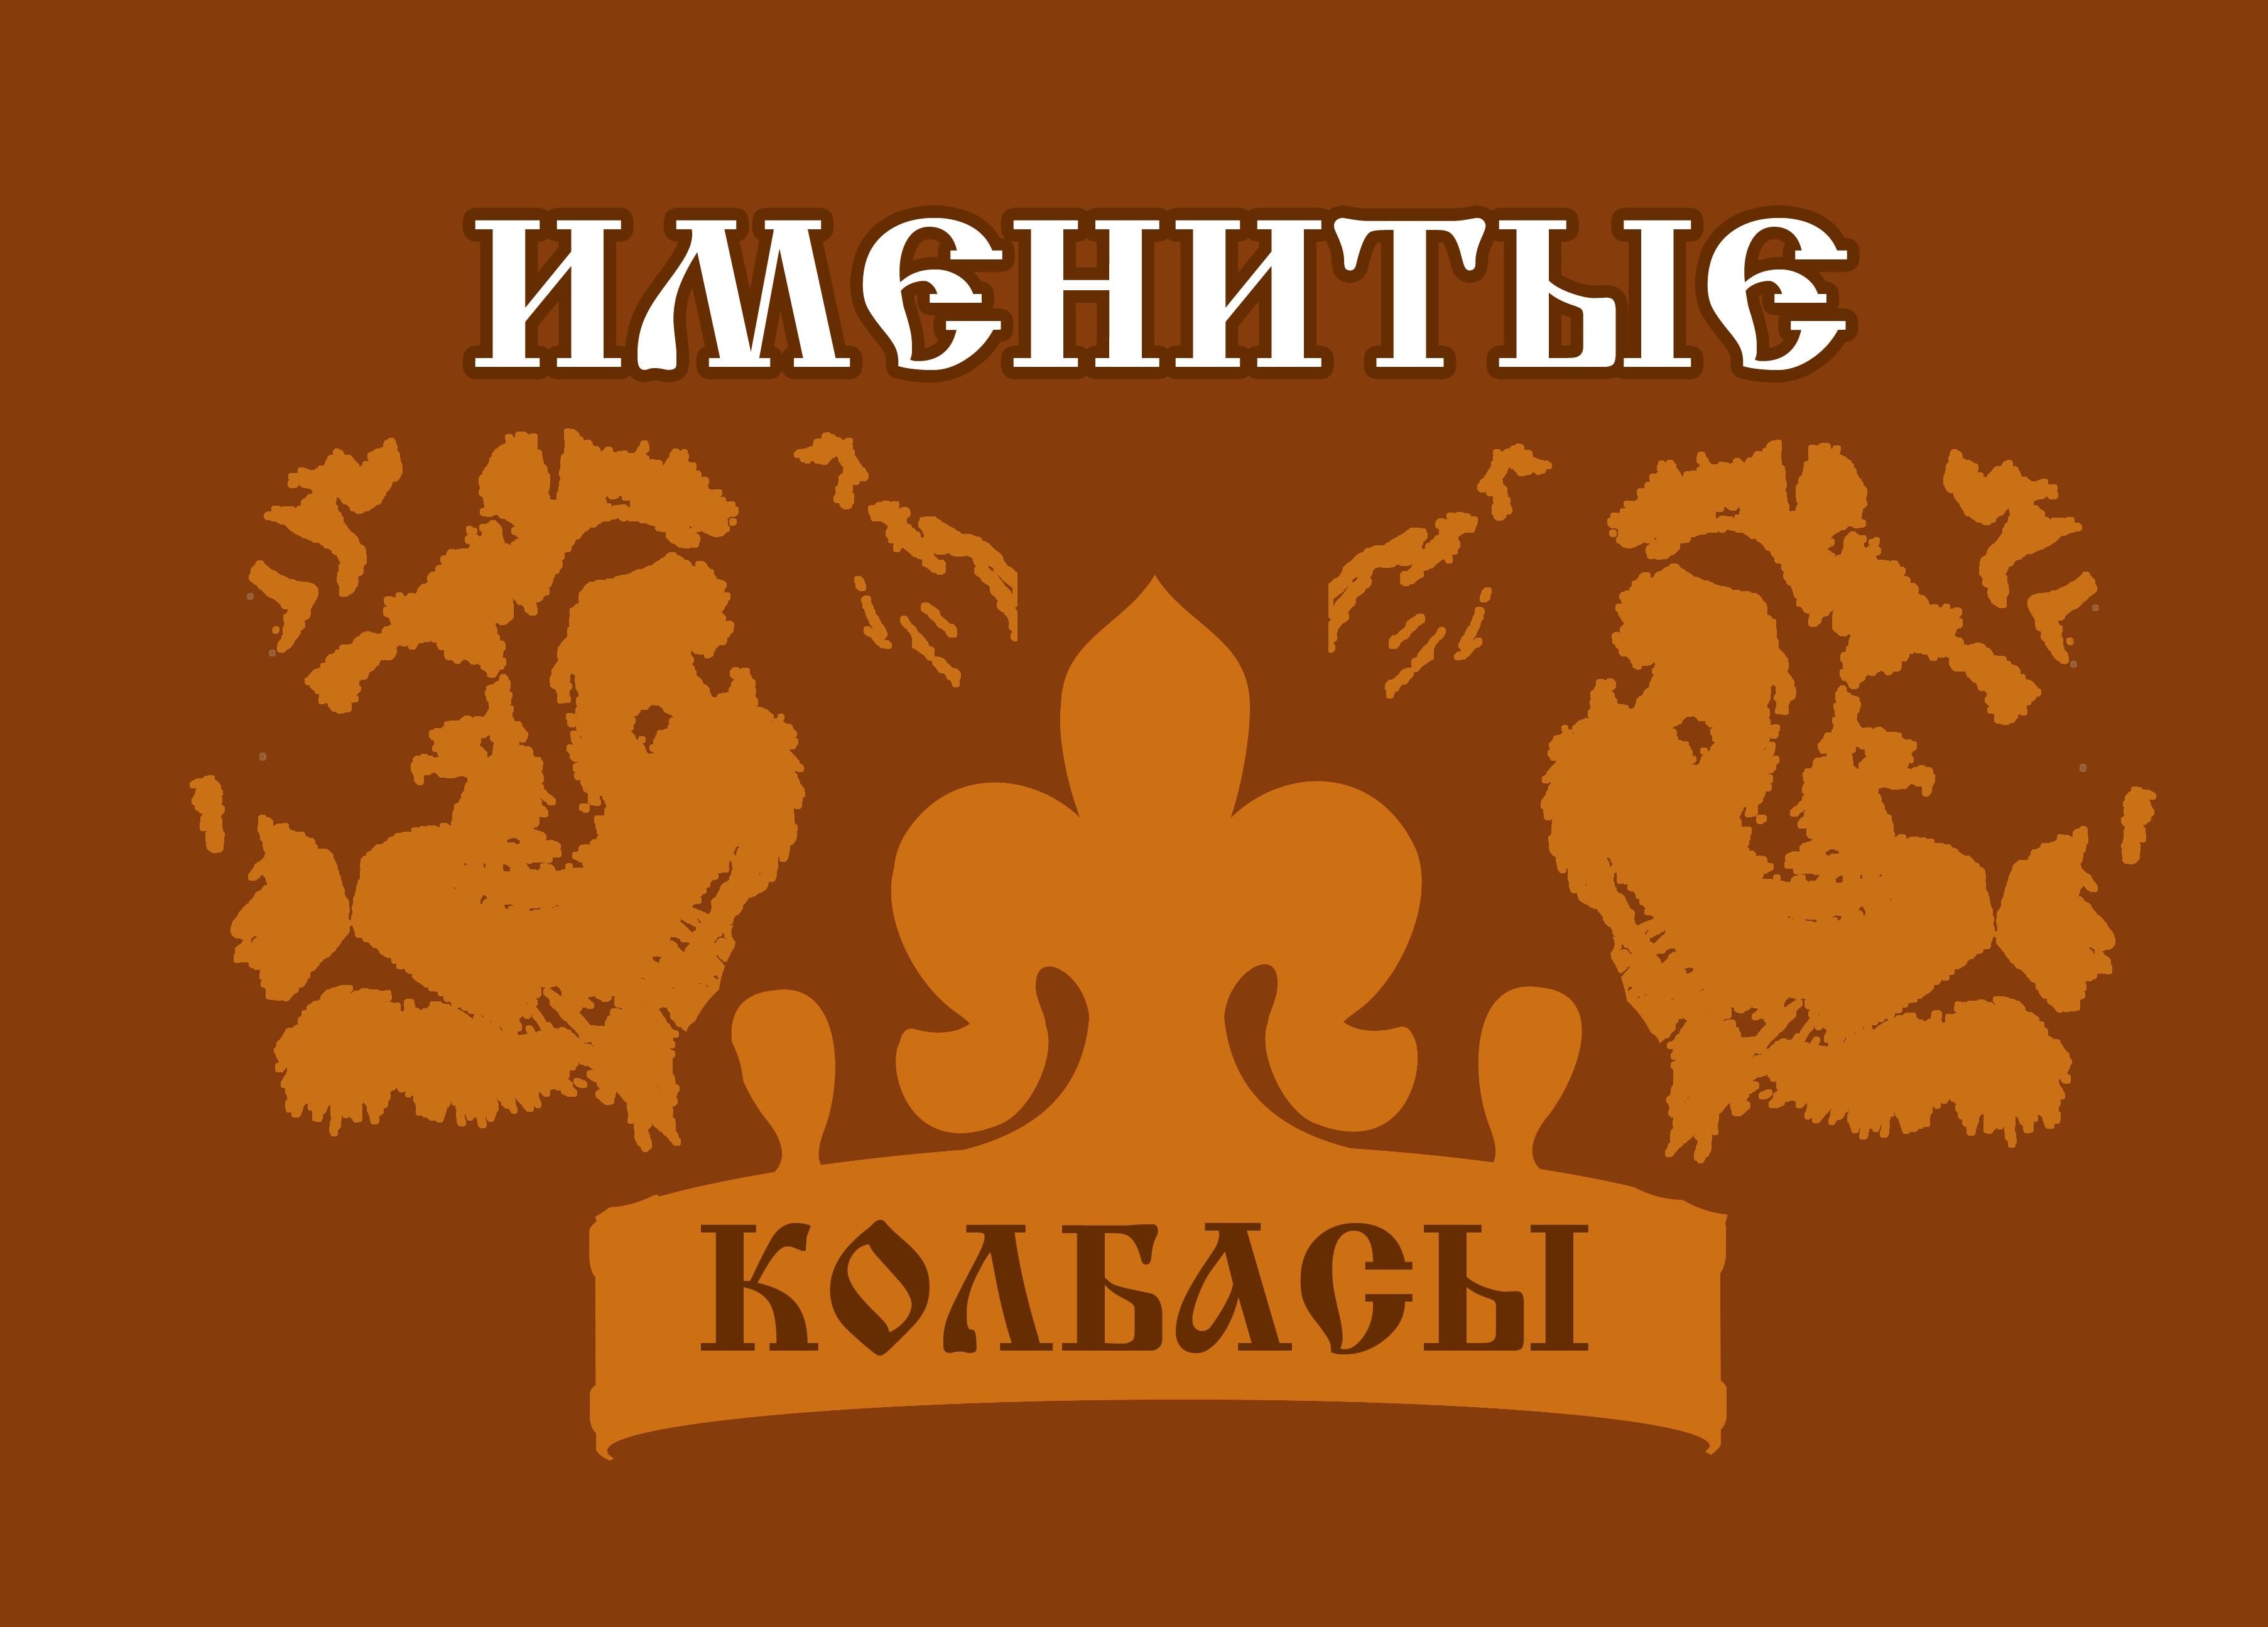 Логотип и фирменный стиль продуктов питания фото f_8285bbbdec33357a.png